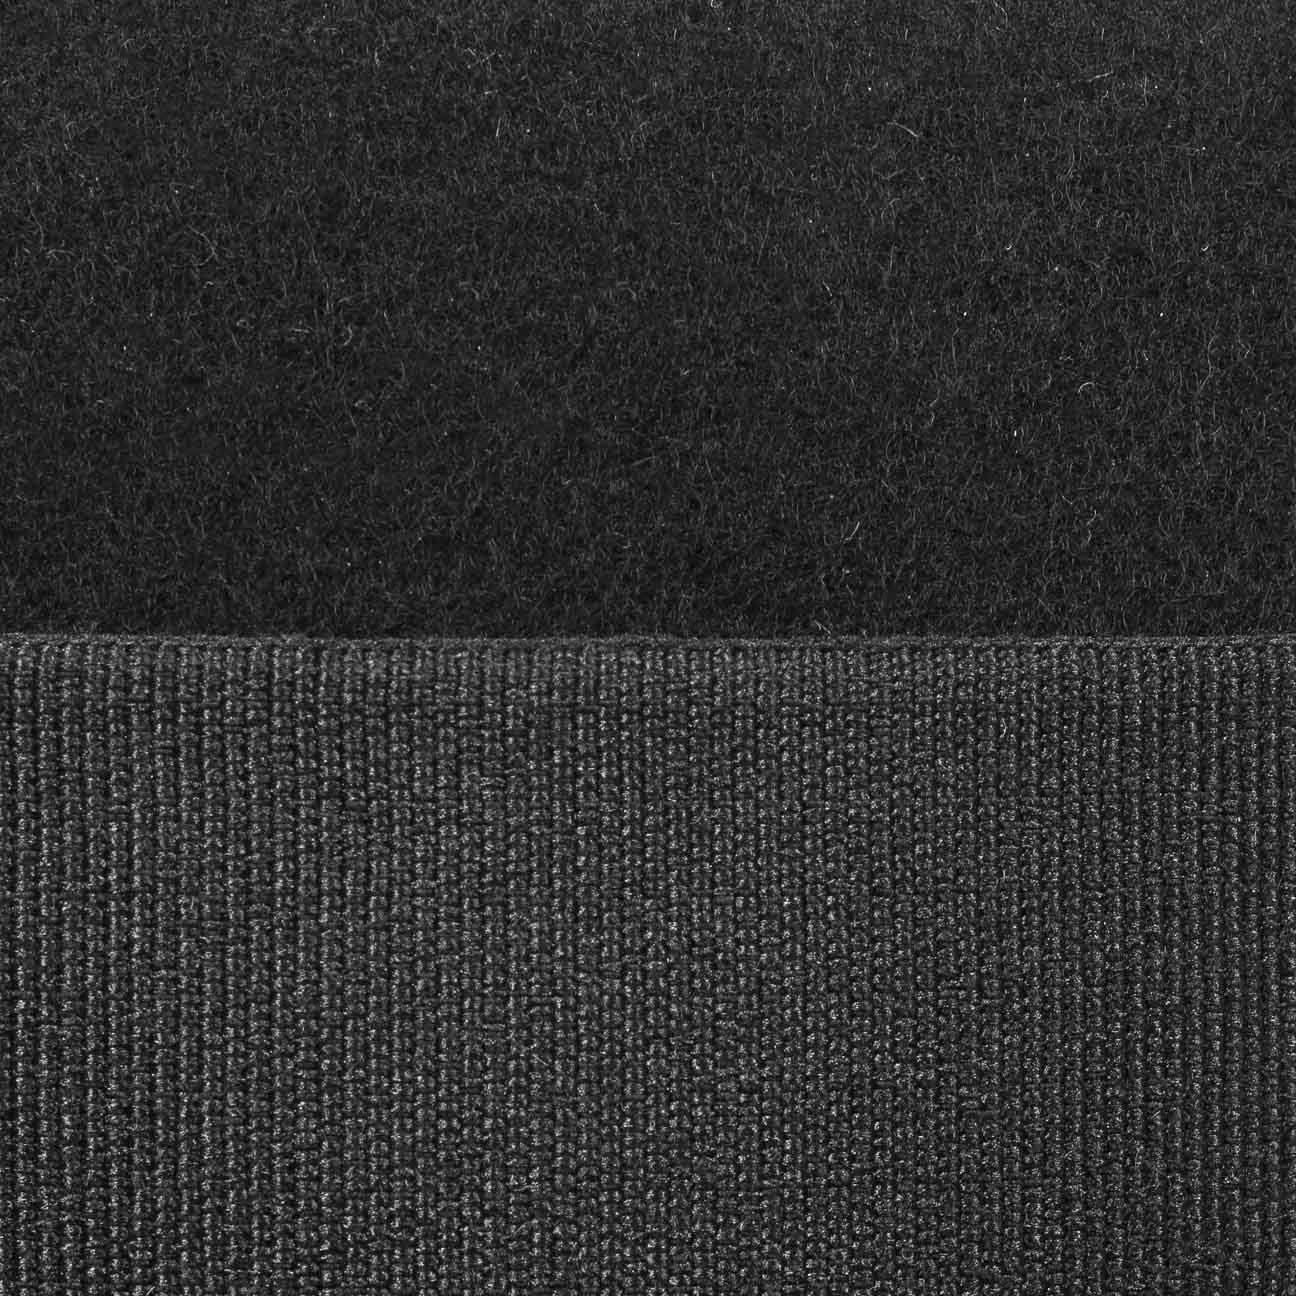 Spanischer Hut aus Wolle Lierys Filzhut Kreiss/äge Damen//Herren Wollfilzhut Sommer//Winter Spanierhut Flamenco-Hut mit Ripsband Sombrero Cordobes Made in Italy